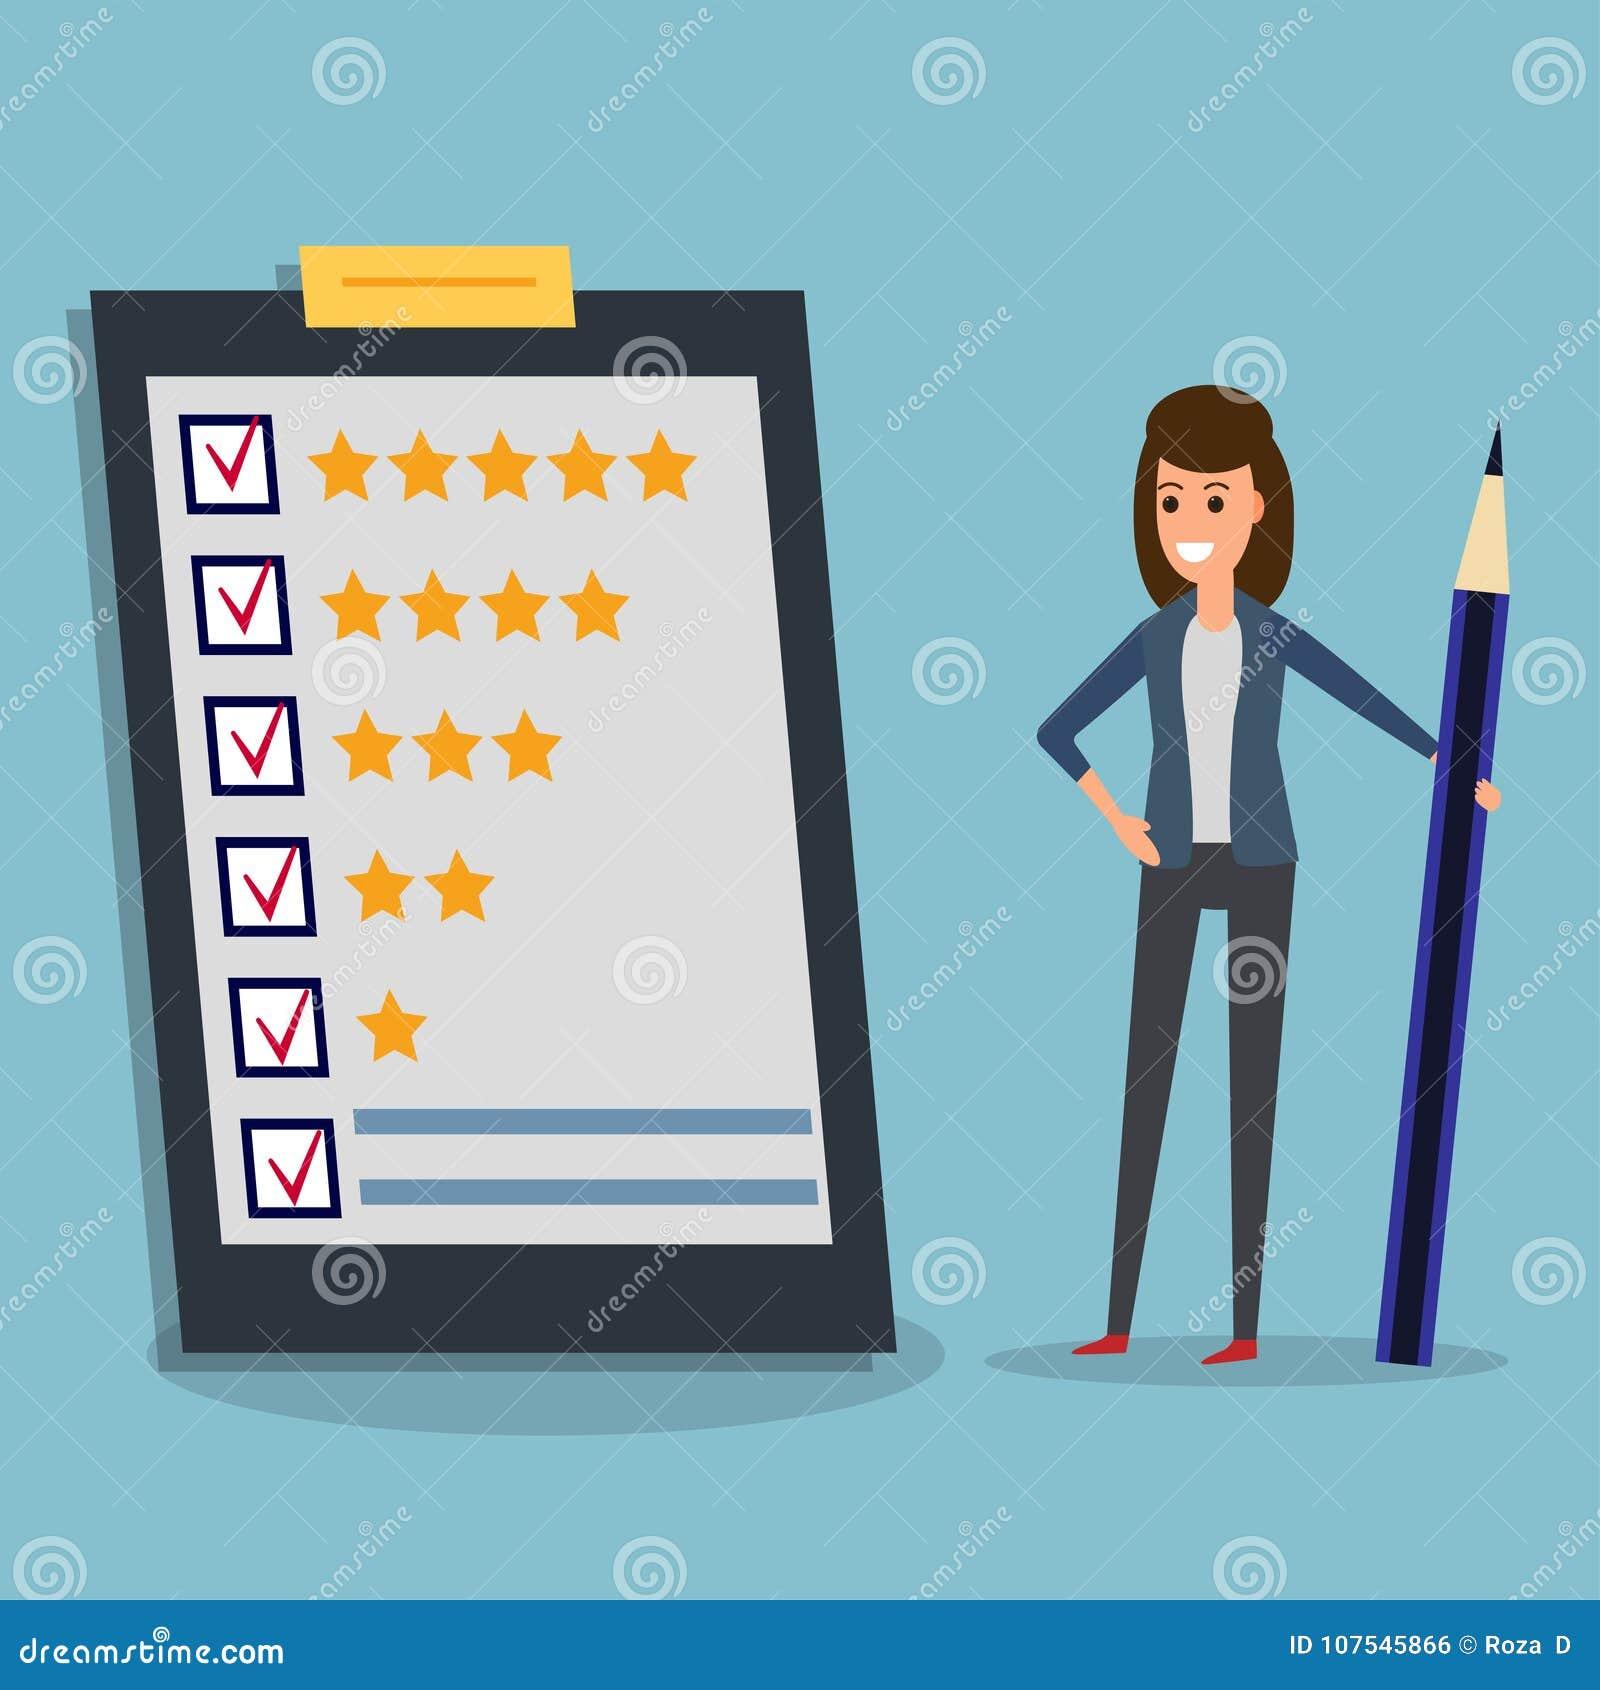 Ερωτηματολόγιο, επιχειρηματίας, μολύβι